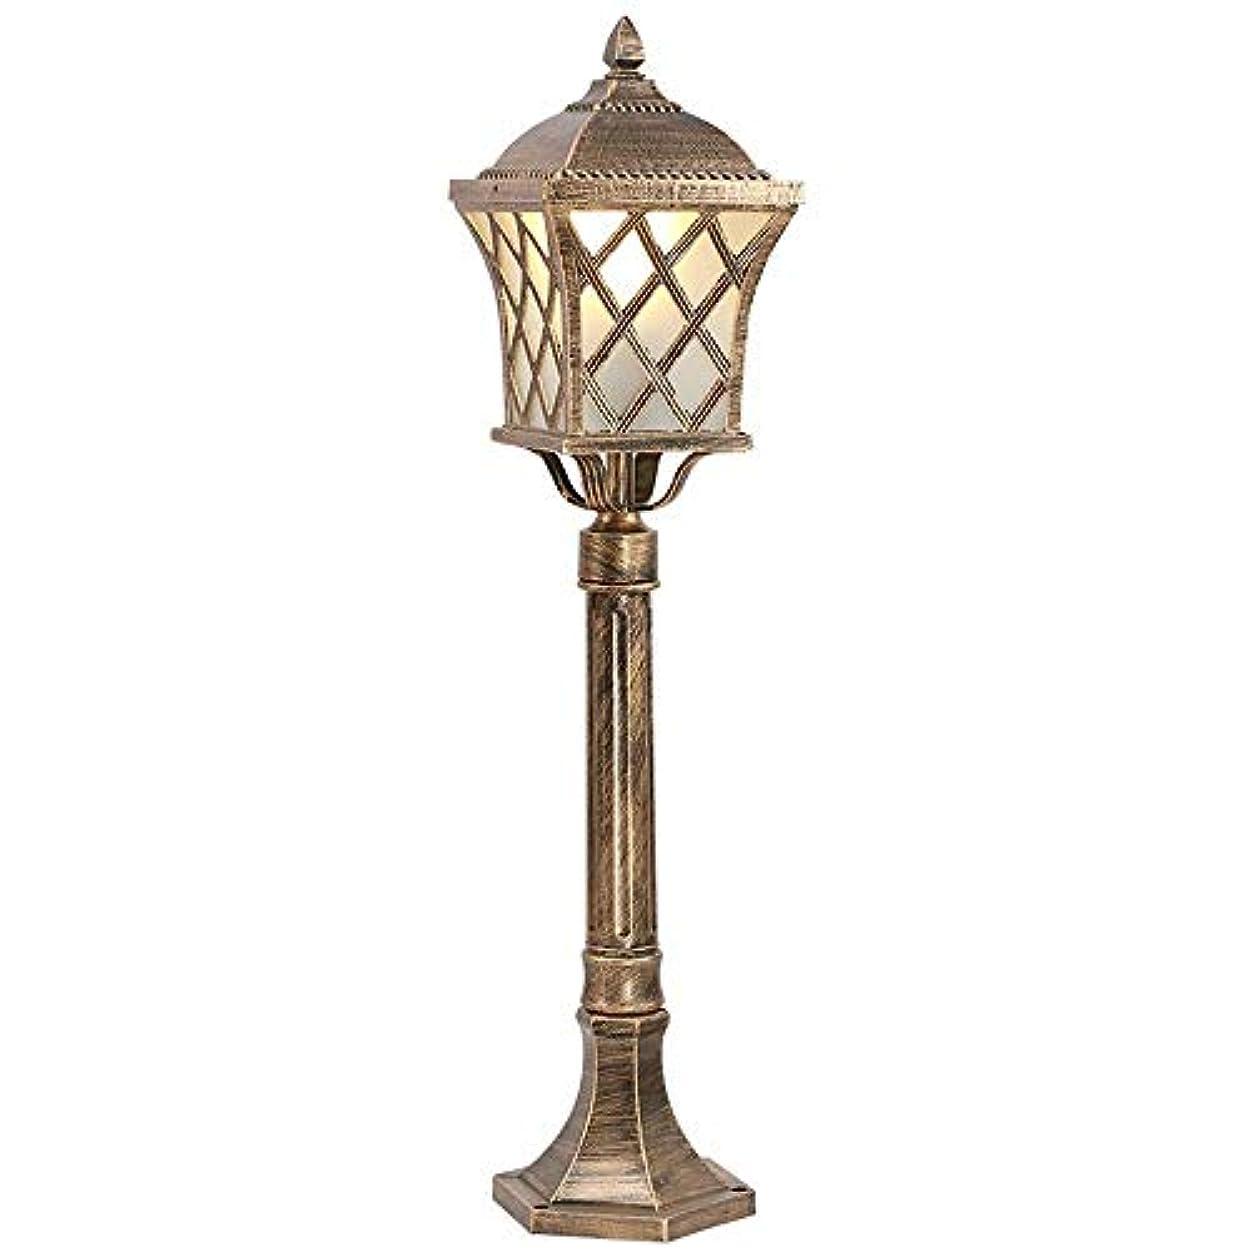 小さなキー赤字Pinjeer E27ヴィンテージガラスランプシェード街路灯ライトヨーロッパアンティーク屋外ip65防水高ポールガーデンポストライトパスヤードコミュニティ芝生照明コラムランプ (Color : Brass, サイズ : Height 1.1m)